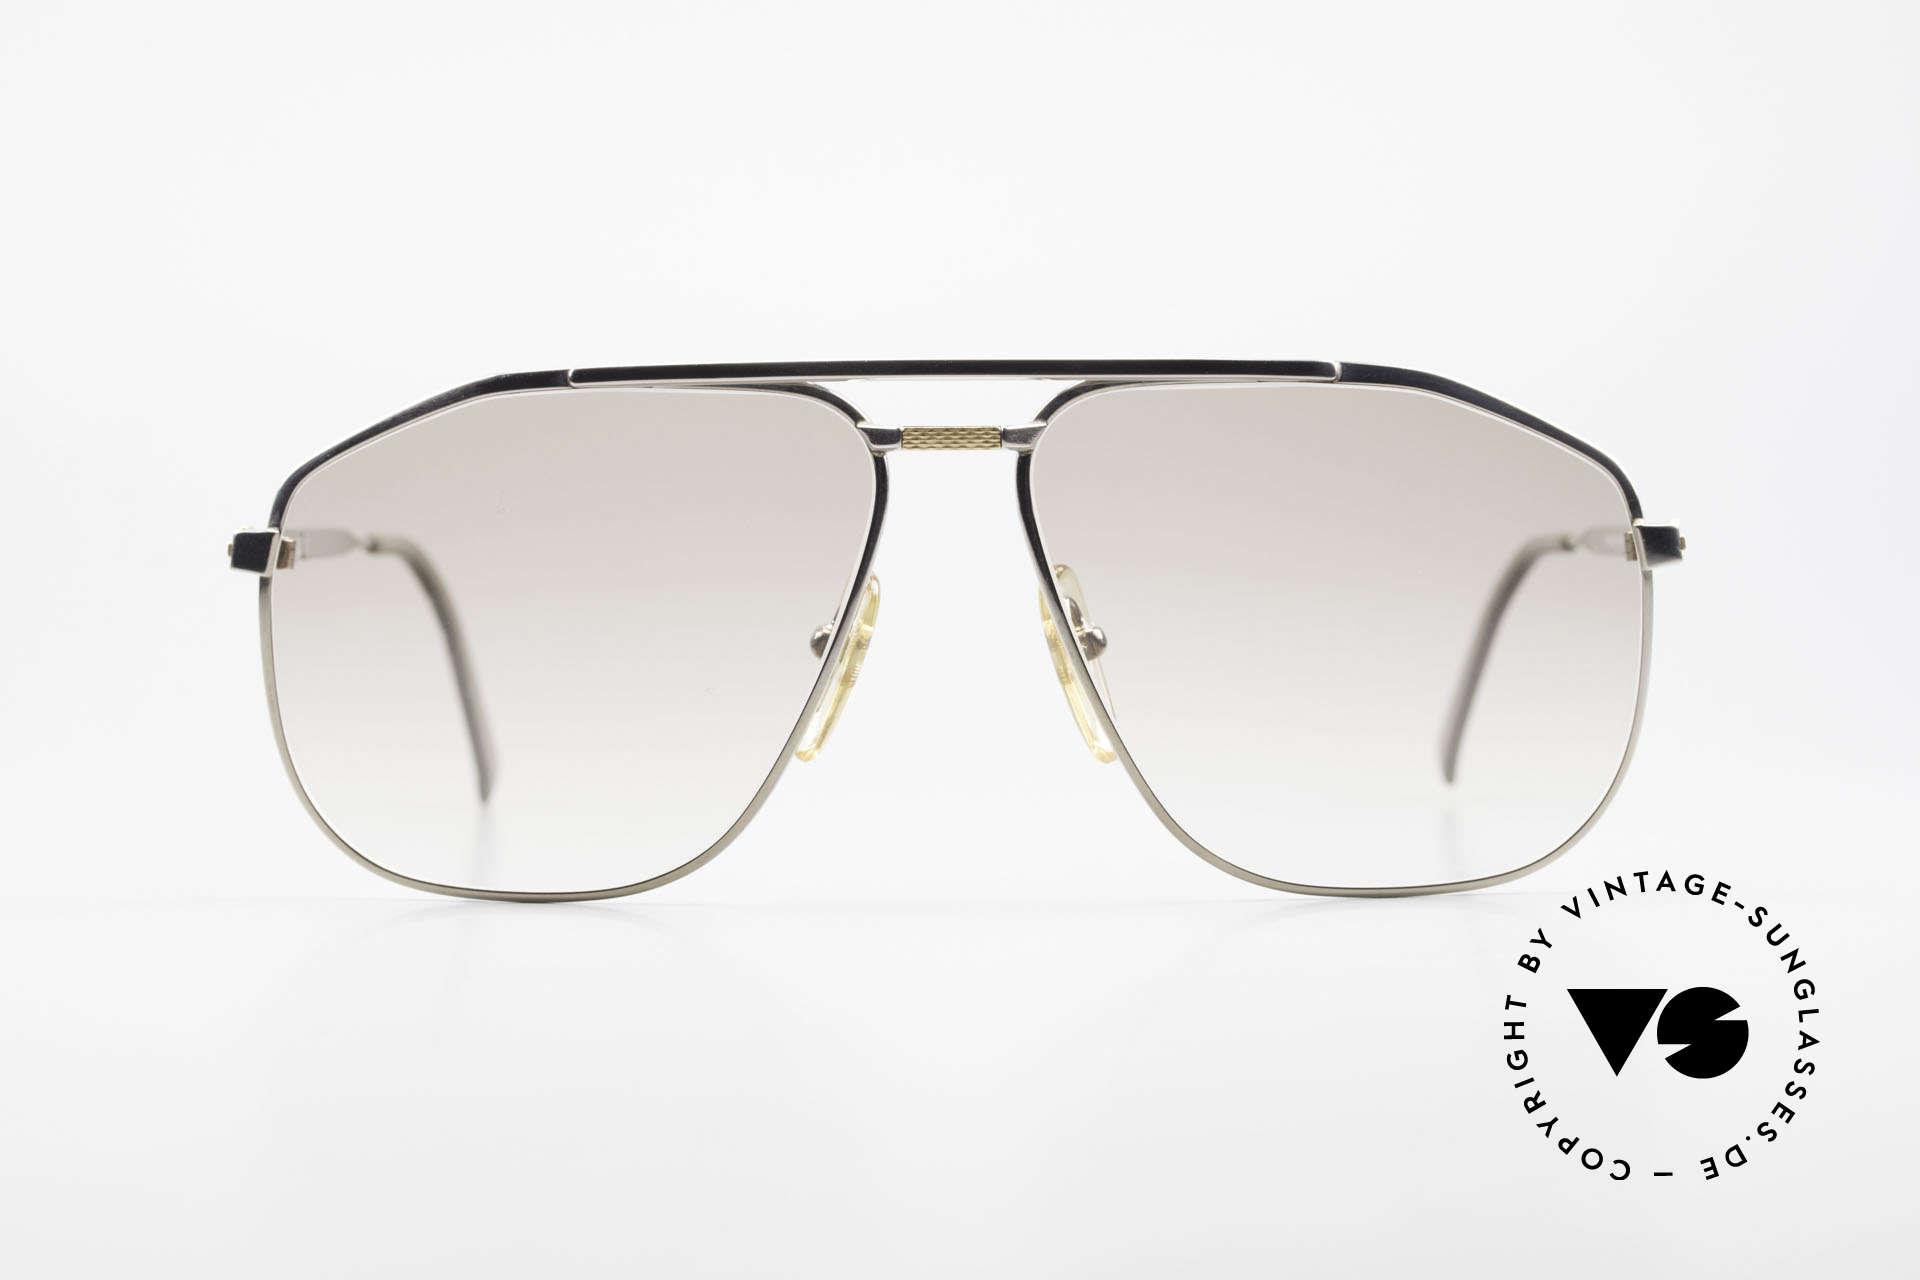 Dunhill 6096 Titanium Fassung 18kt Echtgold, 90er Jahre Titanium Designer-Sonnenbrille von Dunhill, Passend für Herren